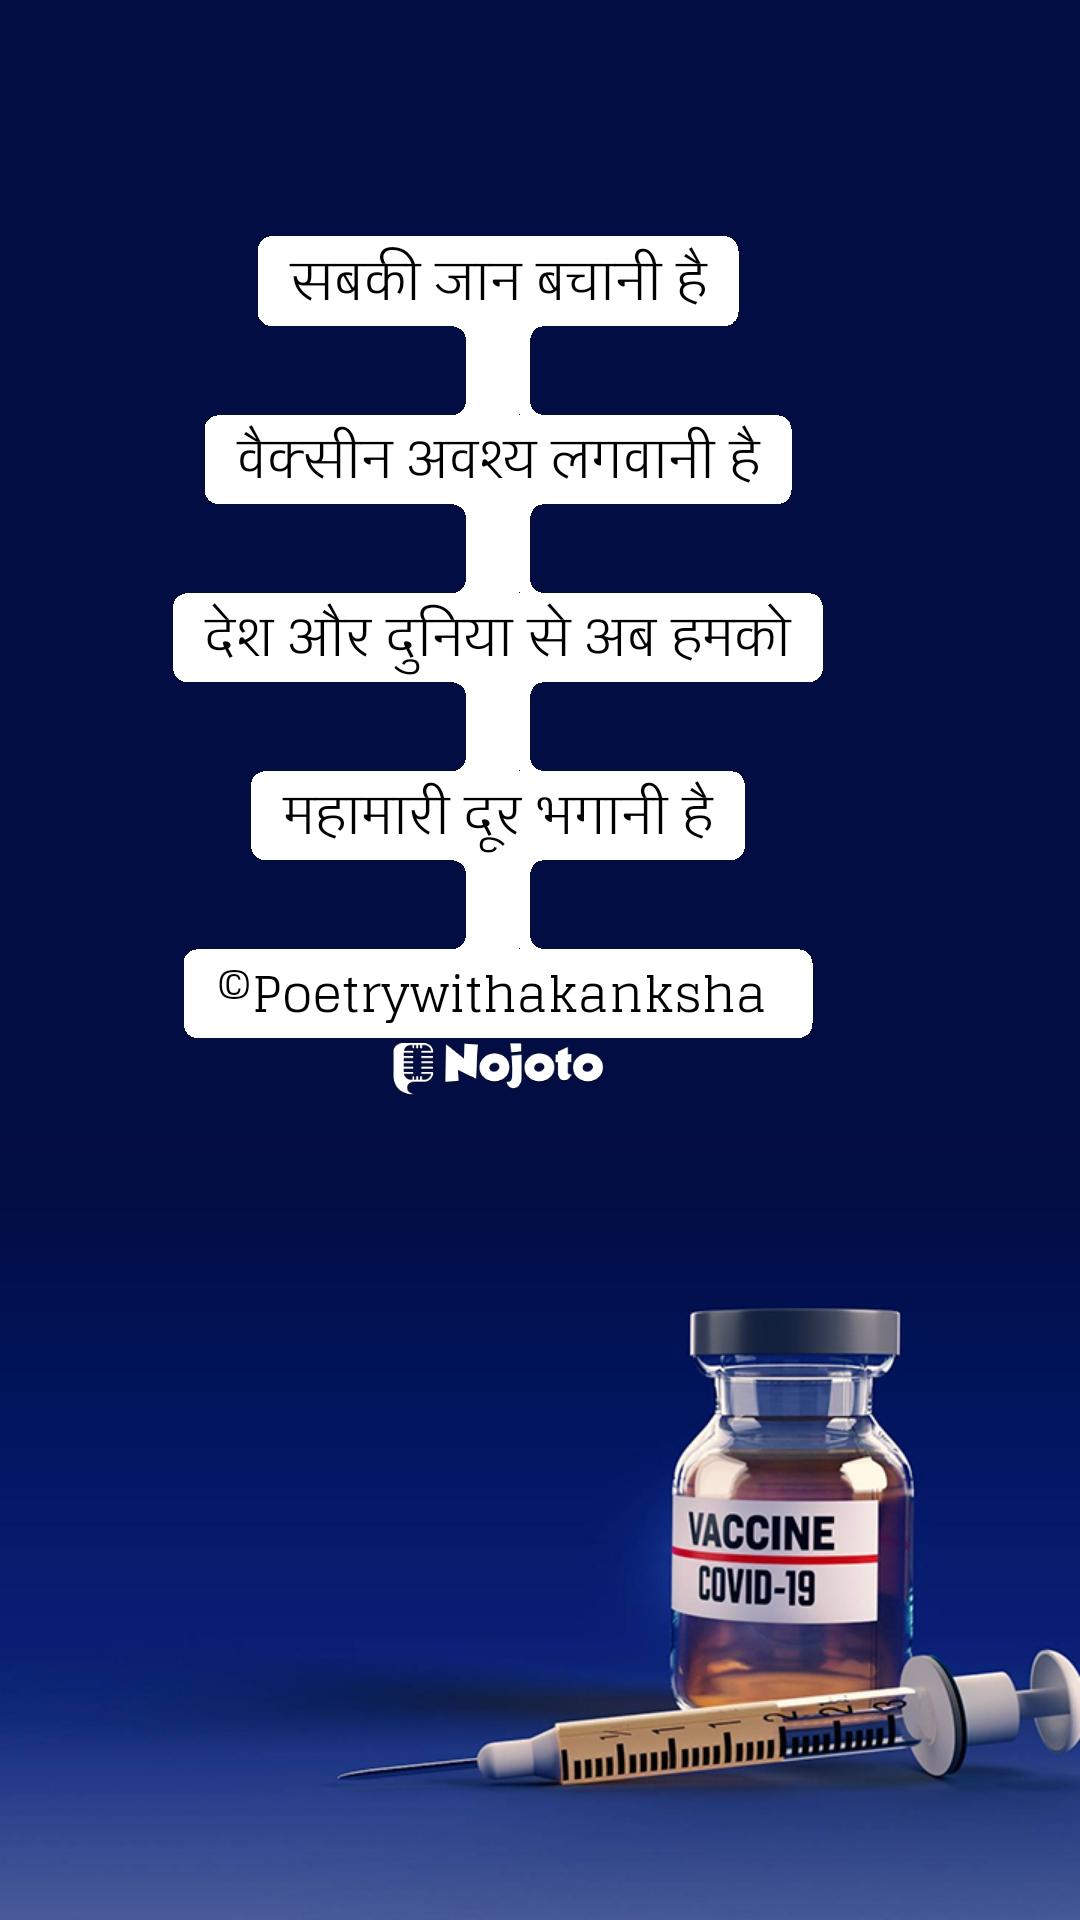 सबकी जान बचानी है  वैक्सीन अवश्य लगवानी है  देश और दुनिया से अब हमको  महामारी दूर भगानी है  ©Poetrywithakanksha